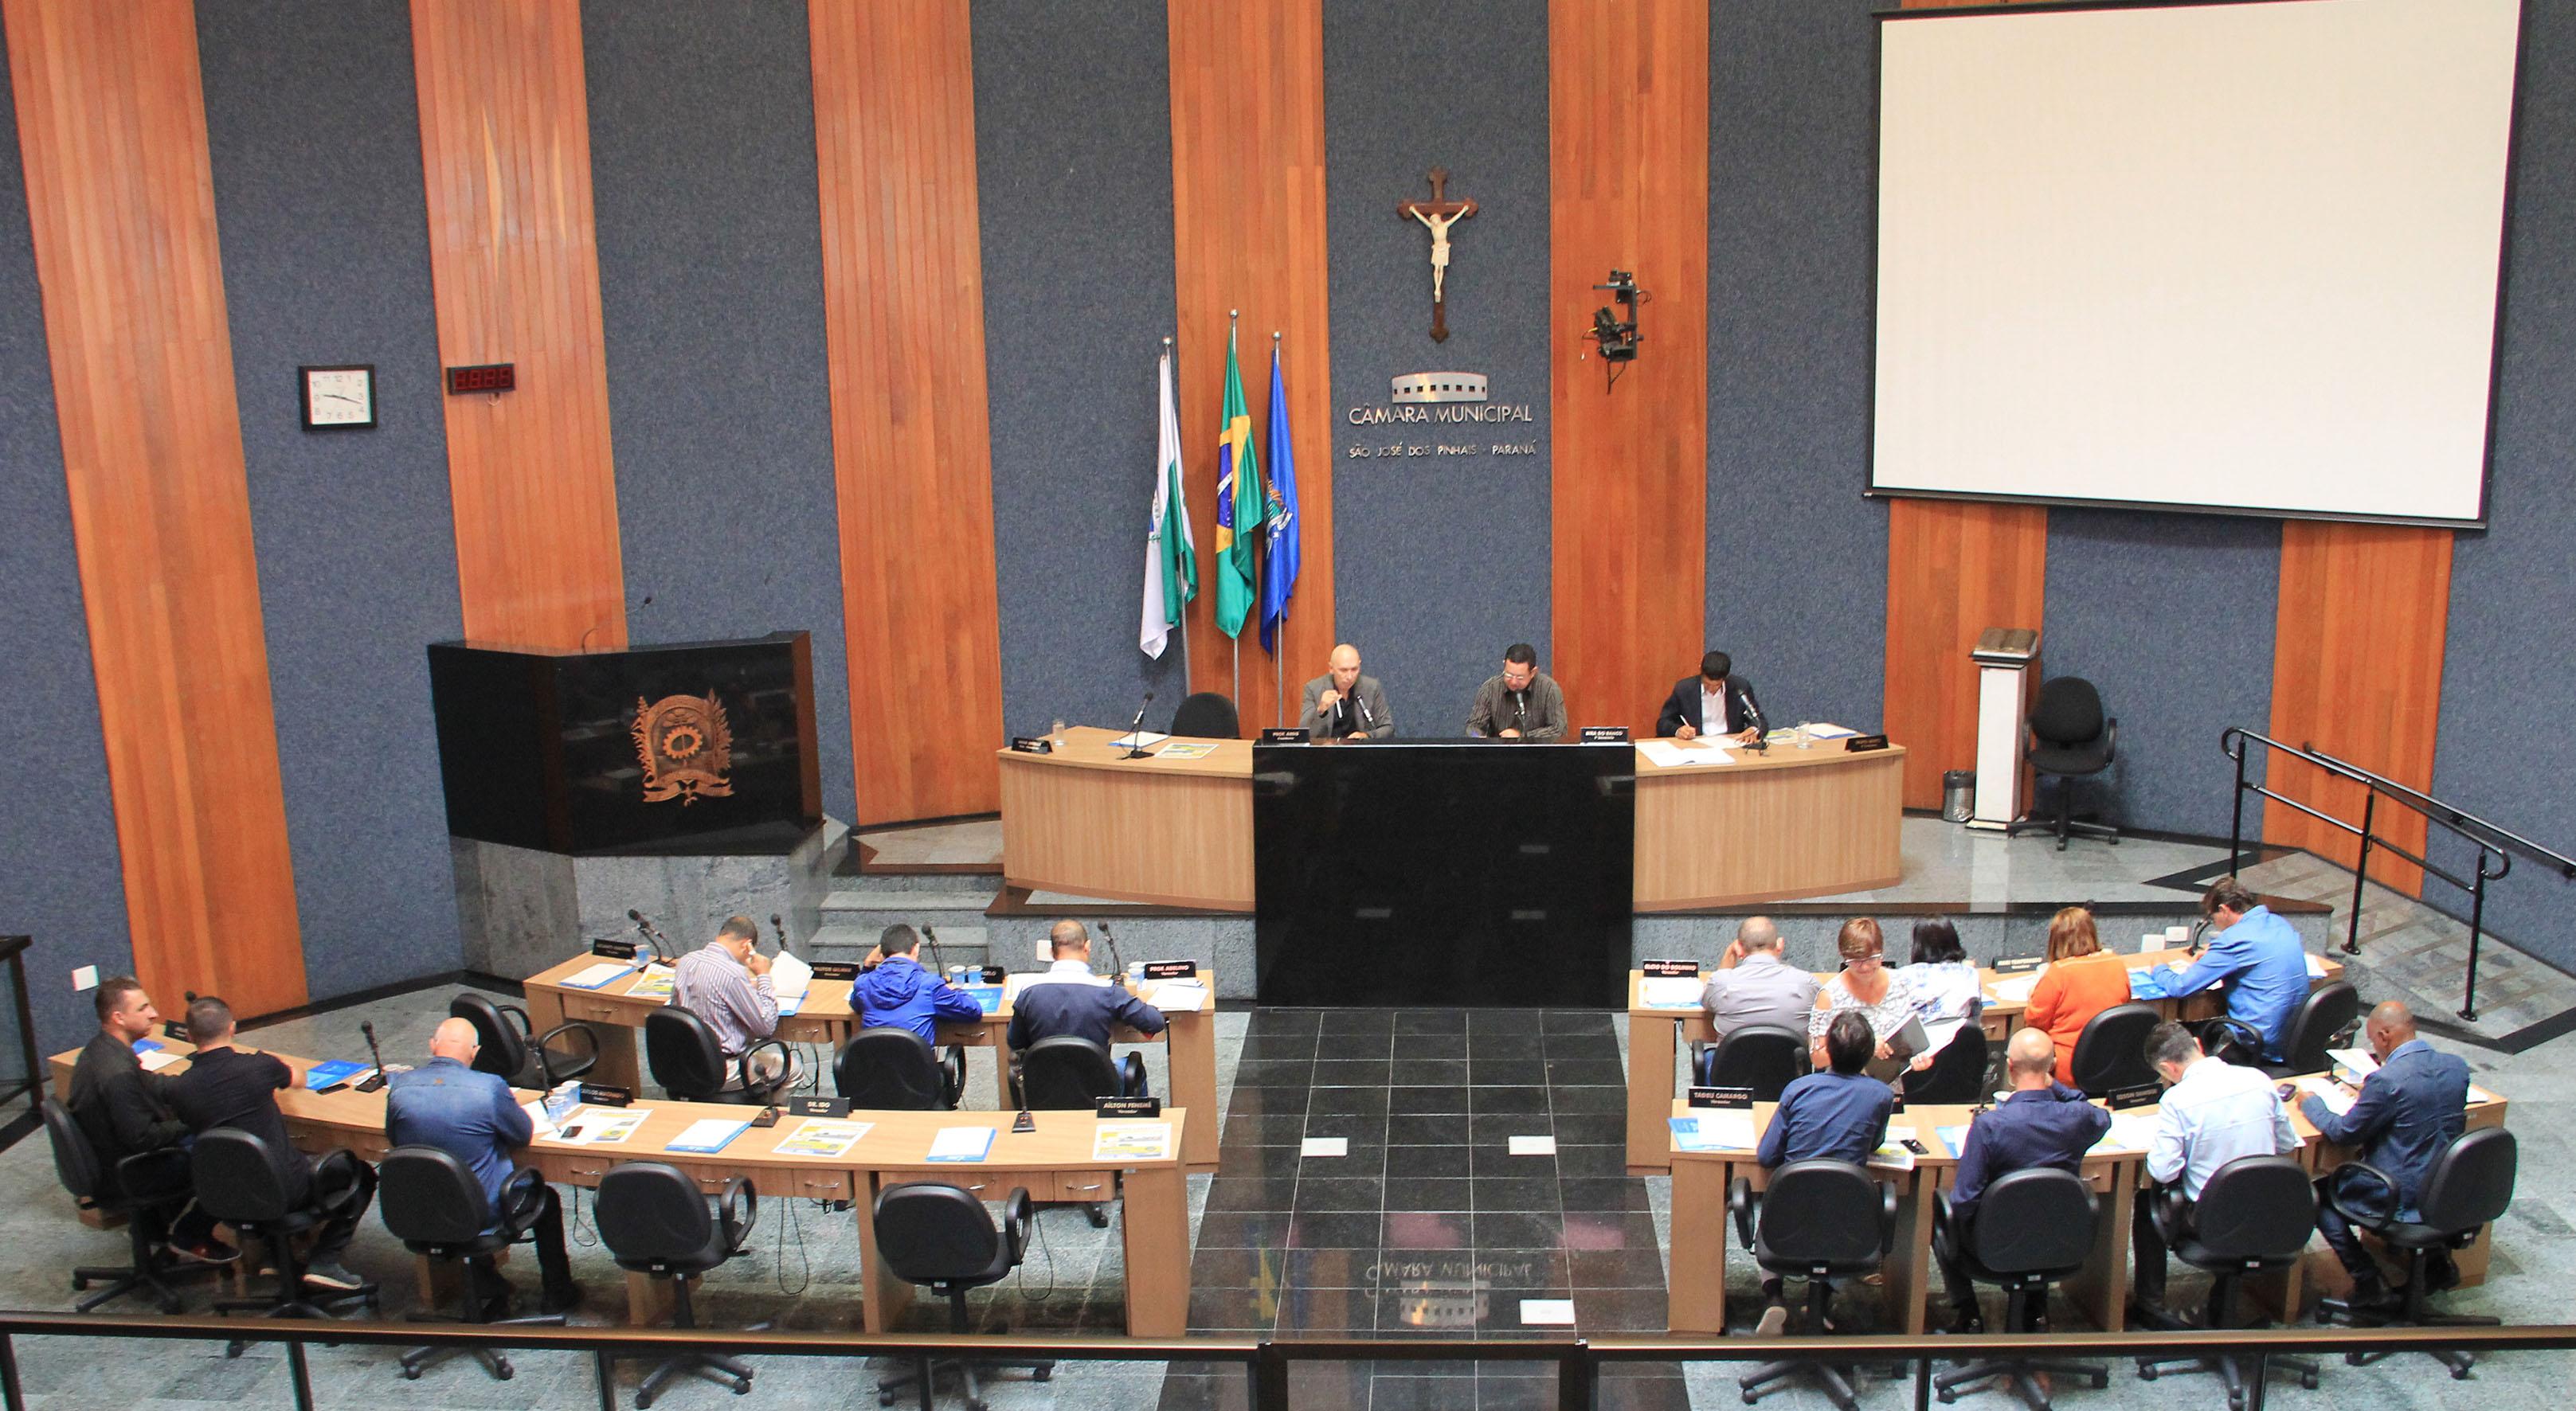 Comissões permanentes do legislativo são-joseense são definidas para 2018